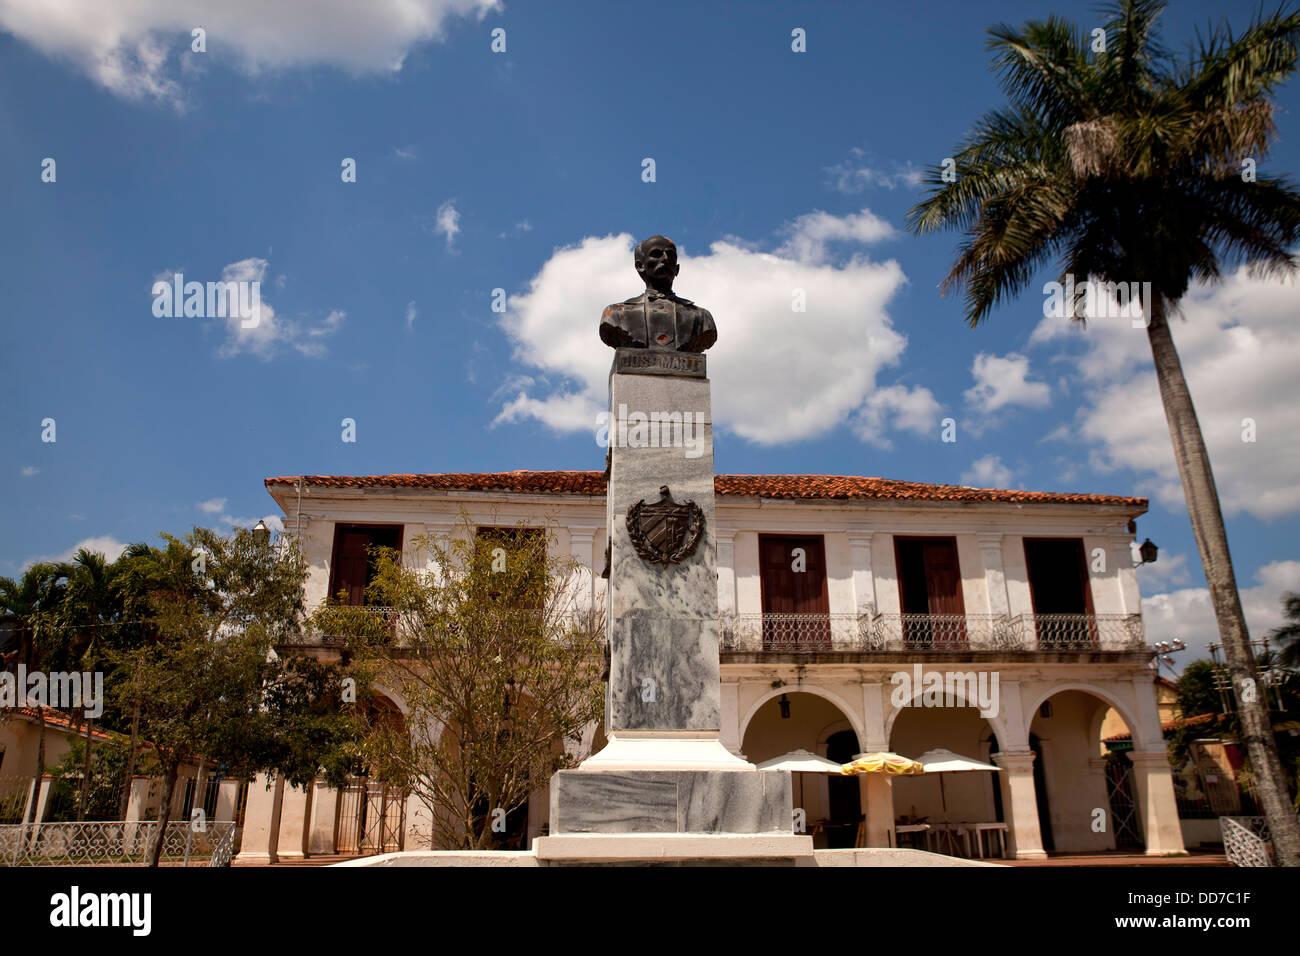 Statua di Jose Marti e la Casa de Cultura in Vinales, Vinales Valley, Pinar del Rio, Cuba, Caraibi Immagini Stock